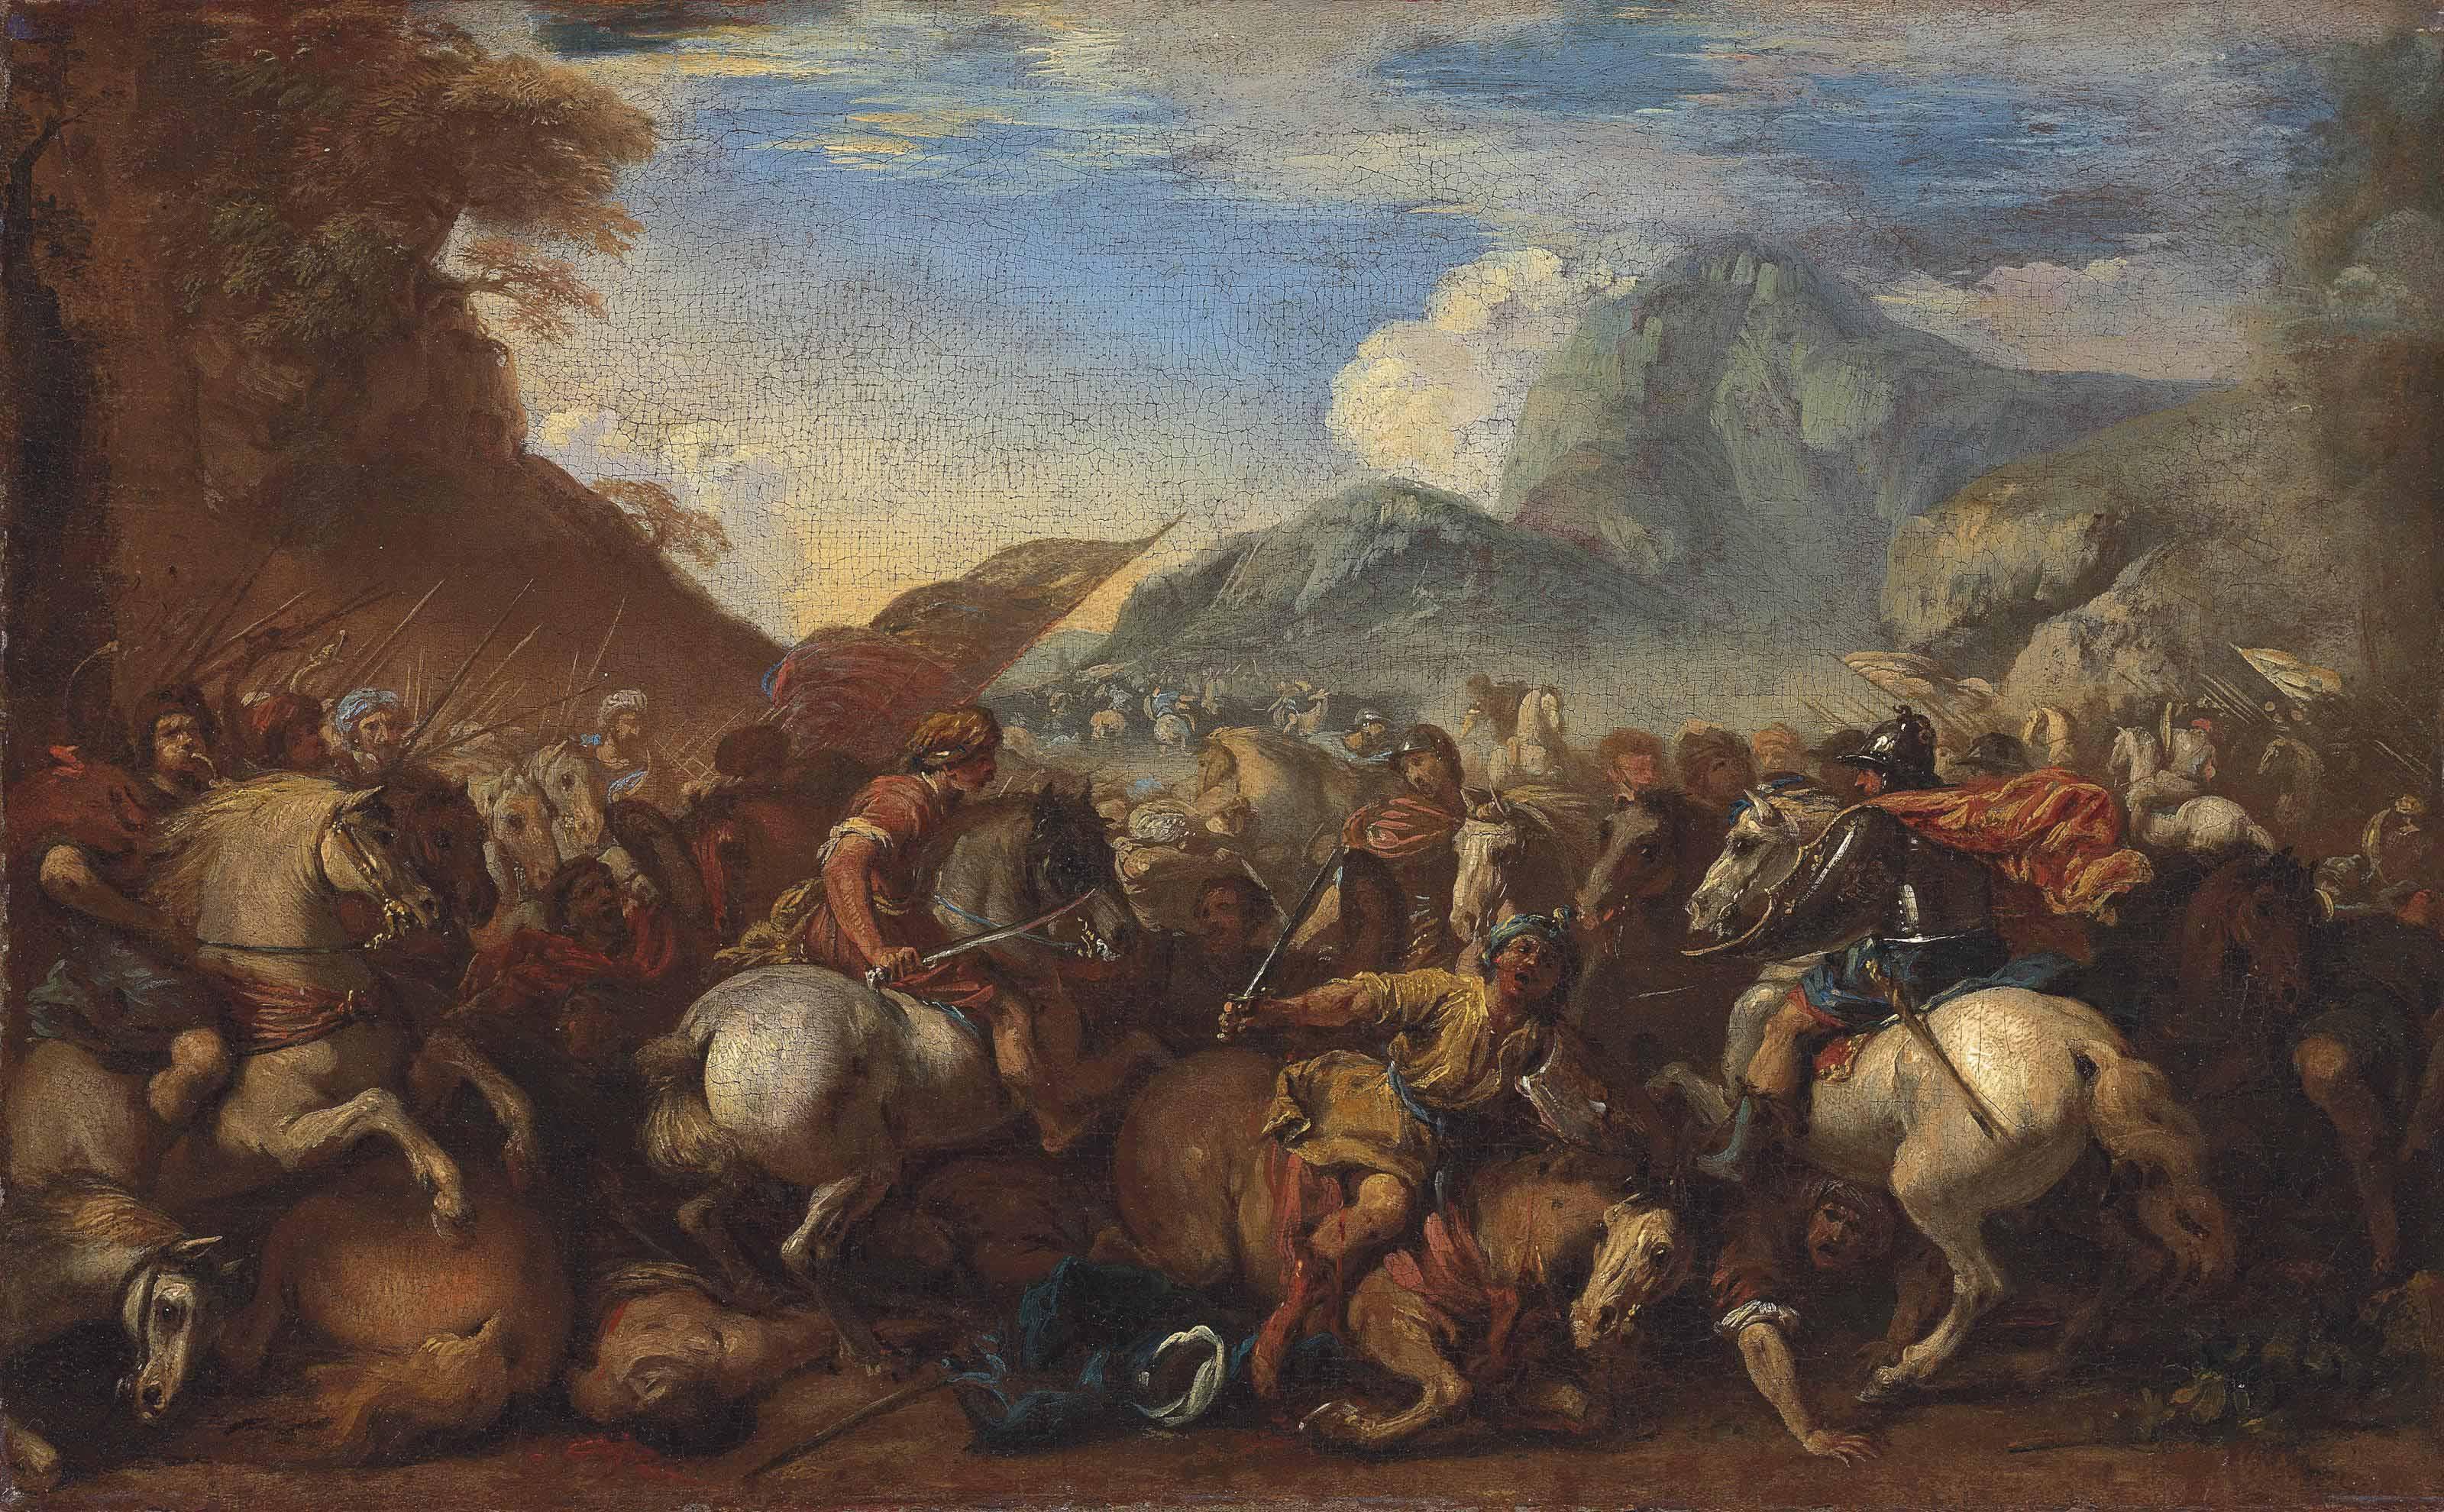 A cavalry battle scene in a mountainous landscape